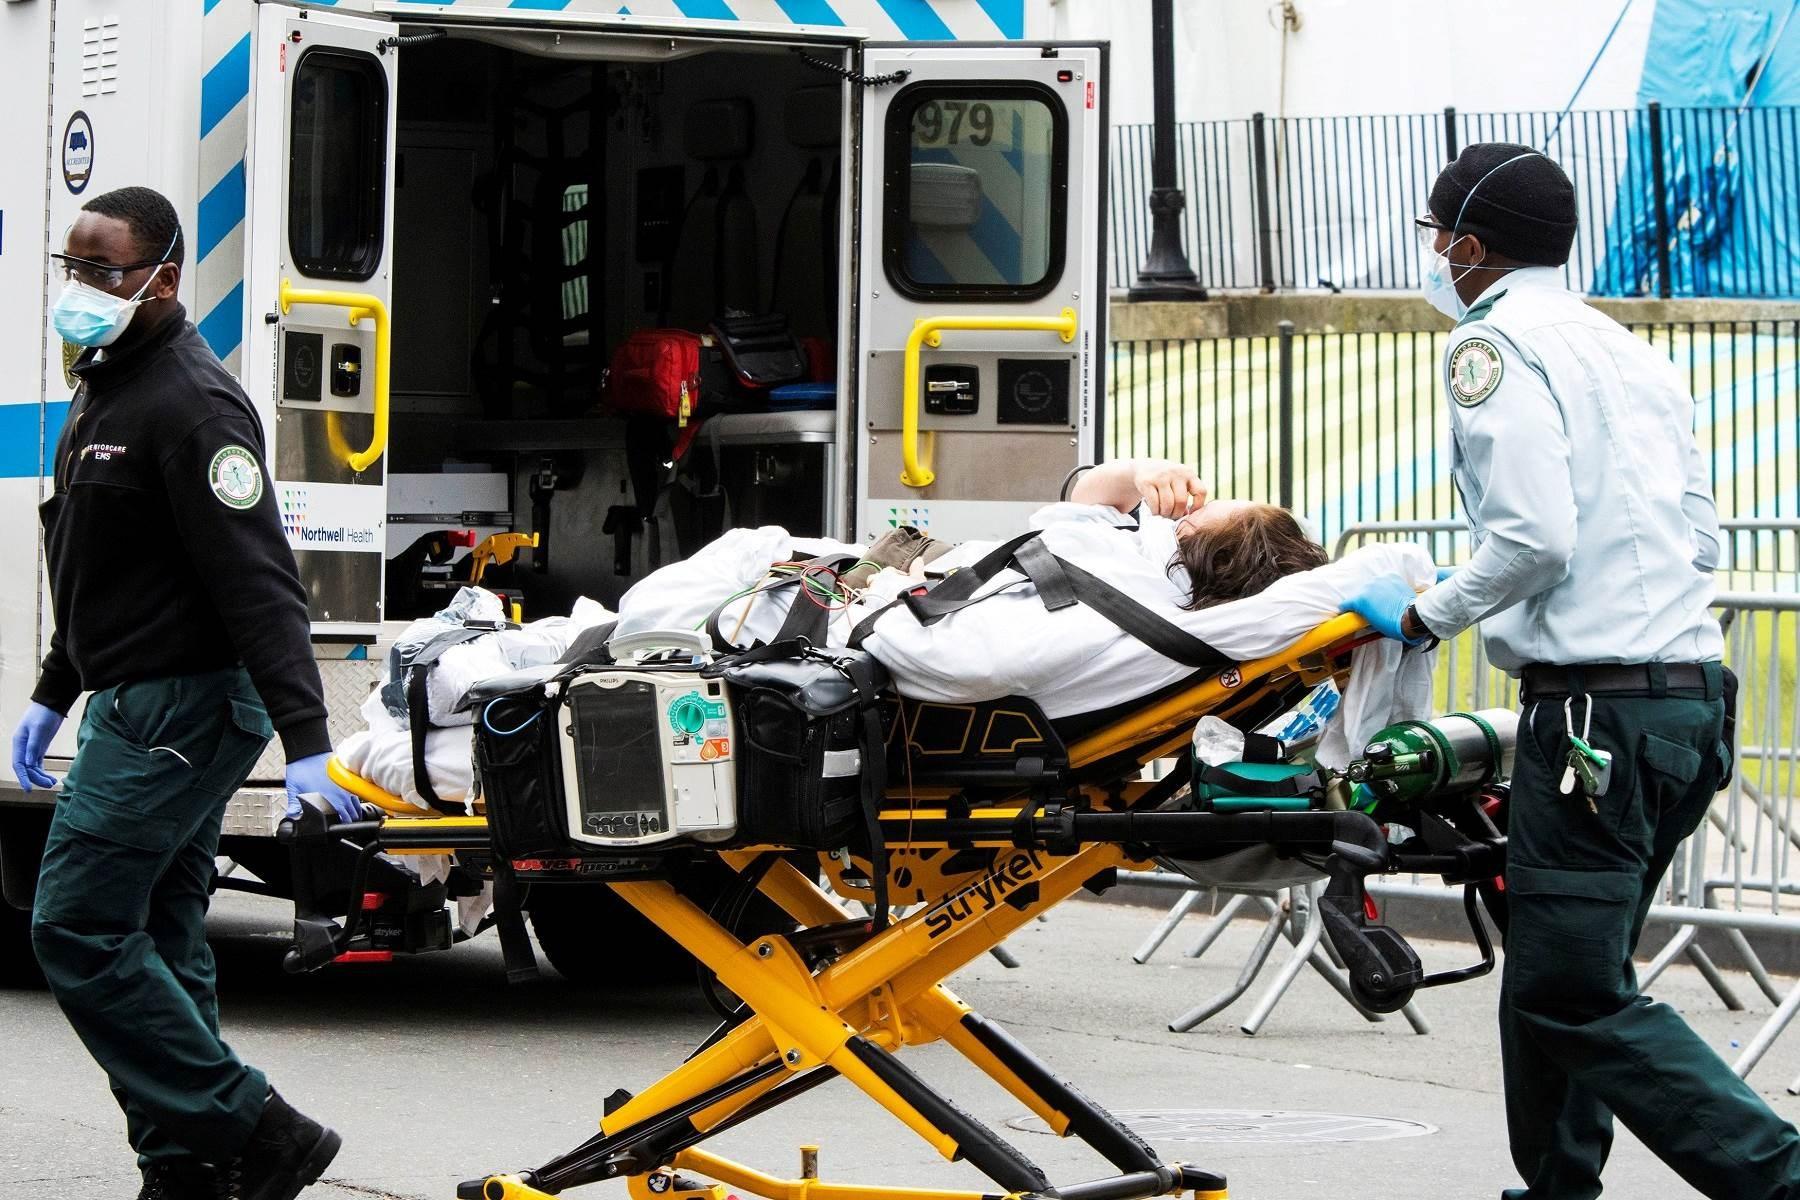 لليوم الثالث على التوالي.. ارتفاع حصيلة وفيات كورونا في أميركا